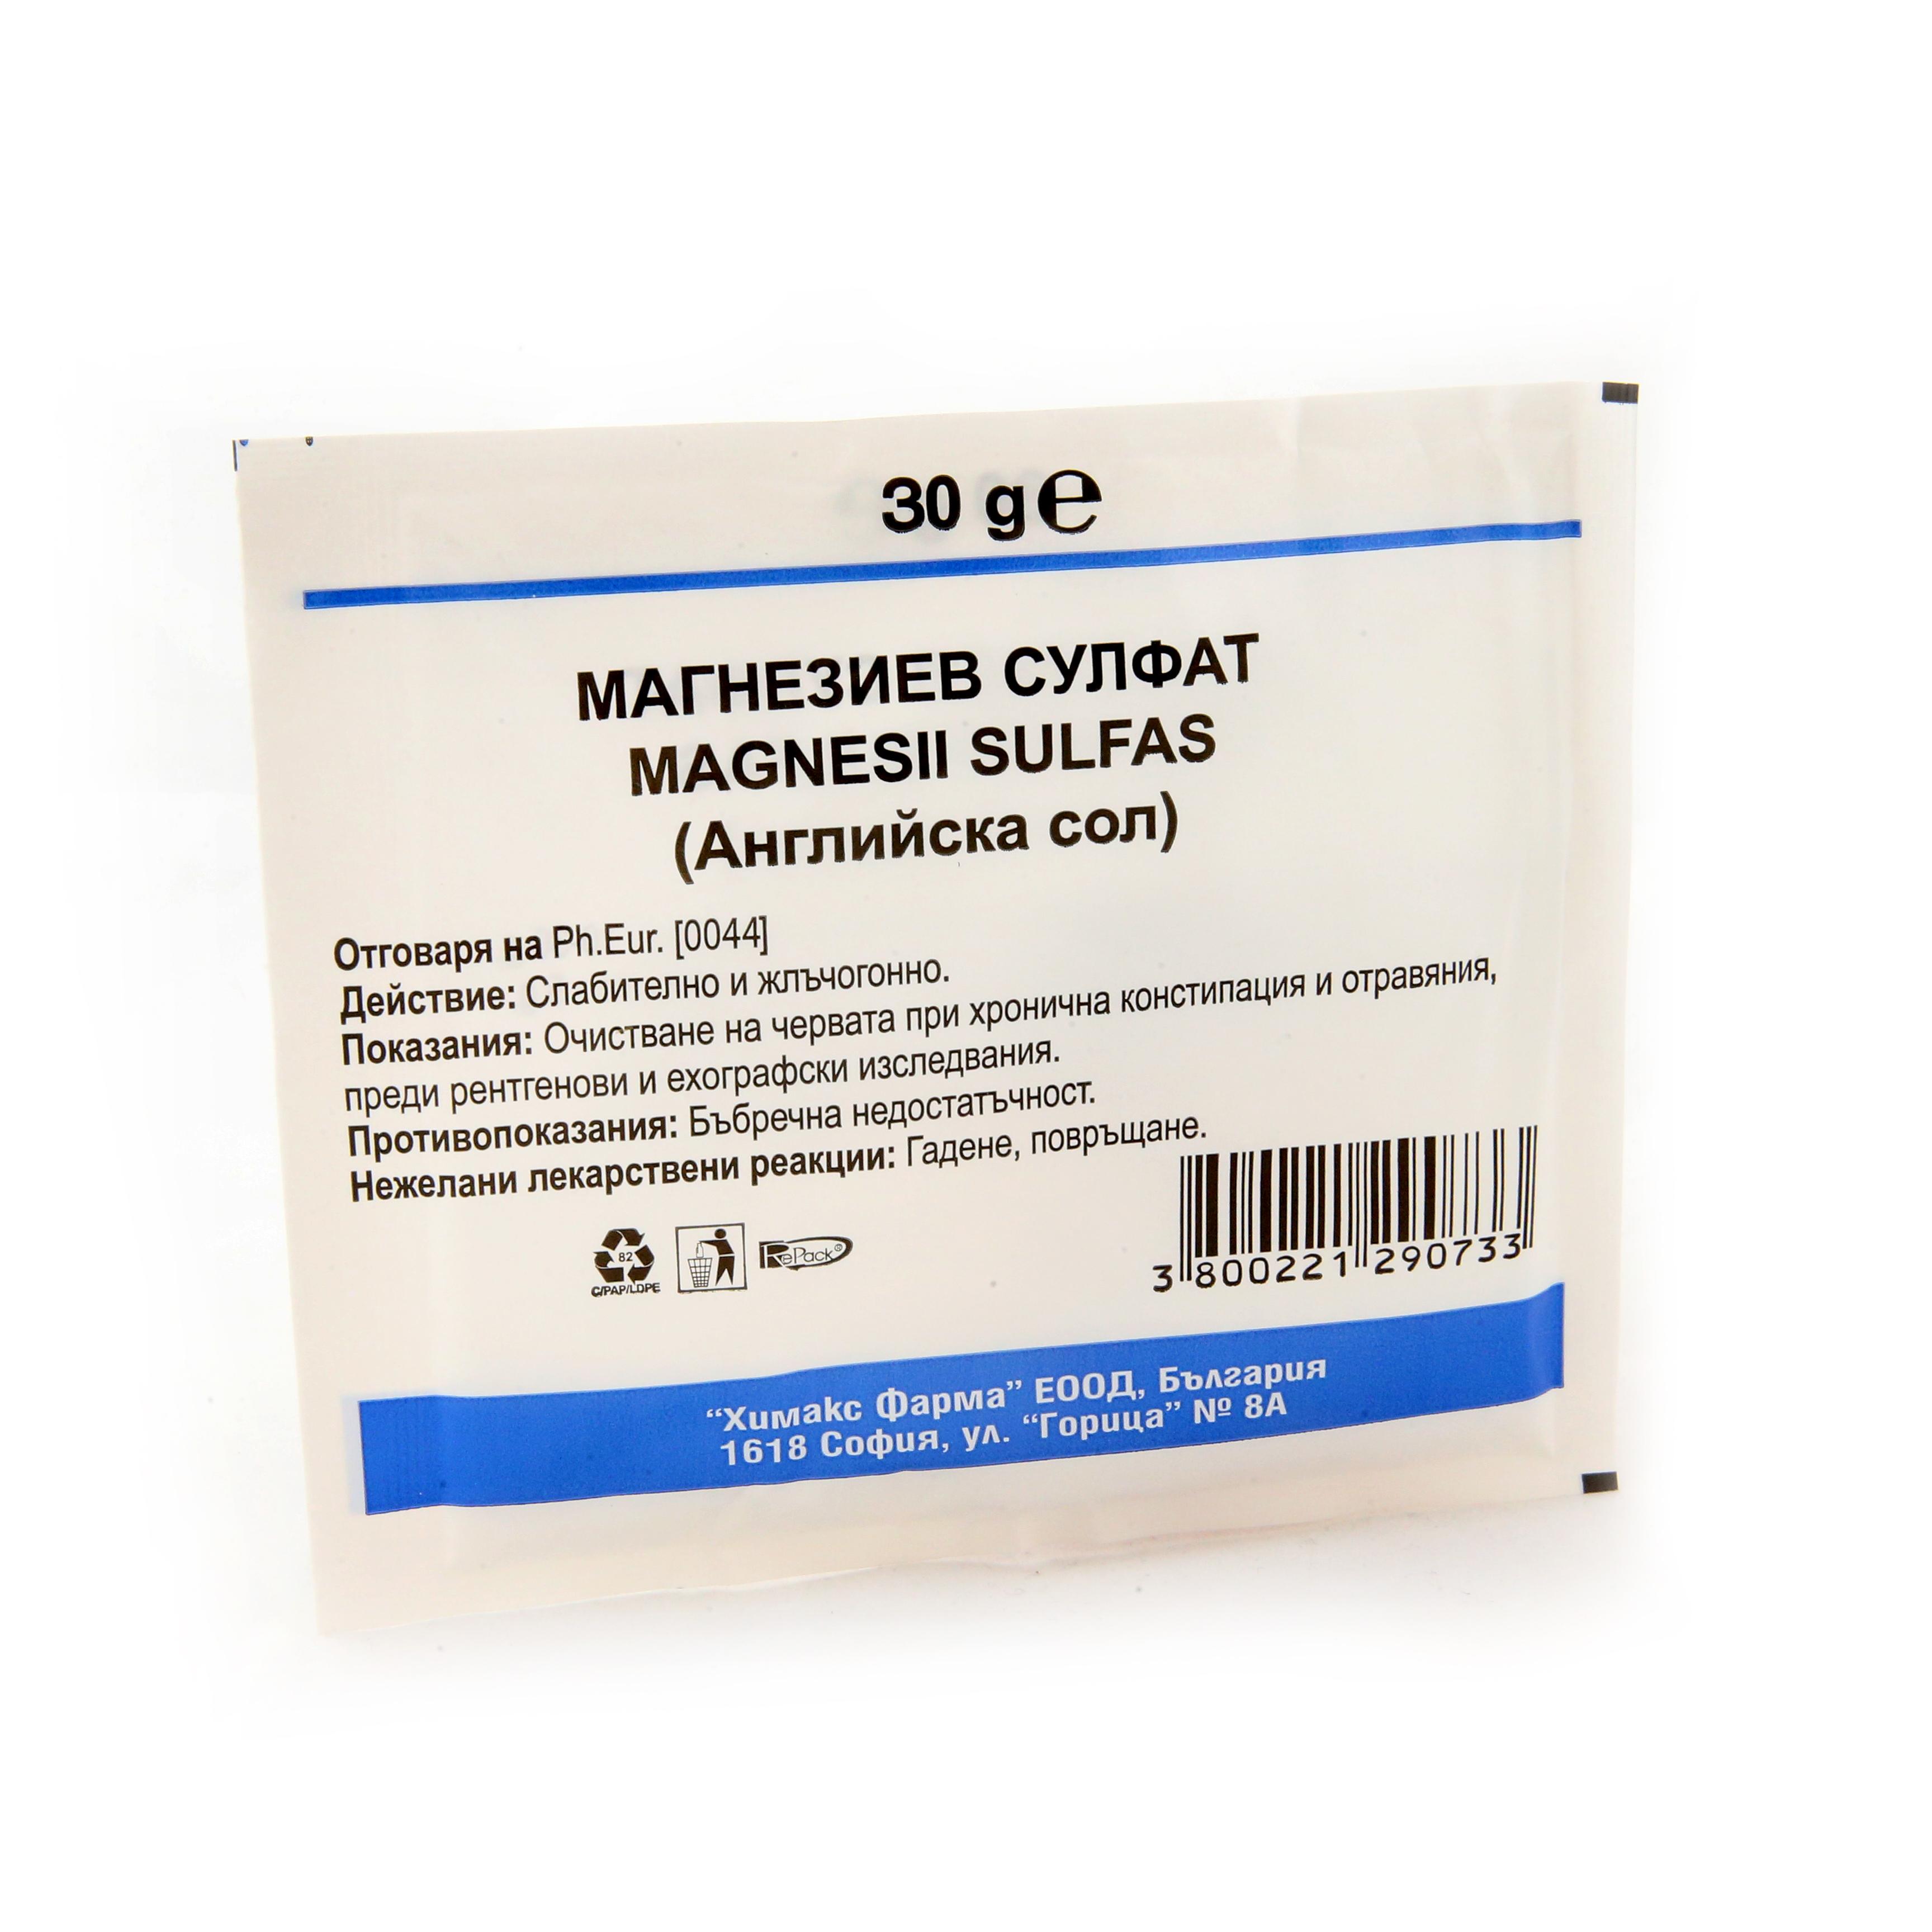 Описание:  МАГНЕЗИЕВ СУЛФАТ / MAGNESIUM SULFATE на българската фармацевтична компания Химакс Фарма е лекарствено средство във формата на сашета,  чиято употреба се препоръчва при запек. Употребата на английската сол е подходяща за хора със затруднена дефекация. Магнезиевият сулфат се прилага и за очистване на червата при хронична констипация и отравяния, както и преди рентгенови и ехографски изследвания.   Във връзка със съдържанието на магнезиеви и сярни йони, английската сол оказва широкоспектърно благоприятно влияние върху човешкия организъм:  - детоксикира,  - подмладява,  - релаксира,  - има противовъзпалително, антибактериално и антисеборейно действие.   Запознайте се с  нашите Промоционални Предложения в нашата онлайн аптека за красота и здраве!  Нашият магистър- фармацевт ще Ви даде компетентна консултация, за да изберете най- подходящите за Вас и Вашето семейство продукти!